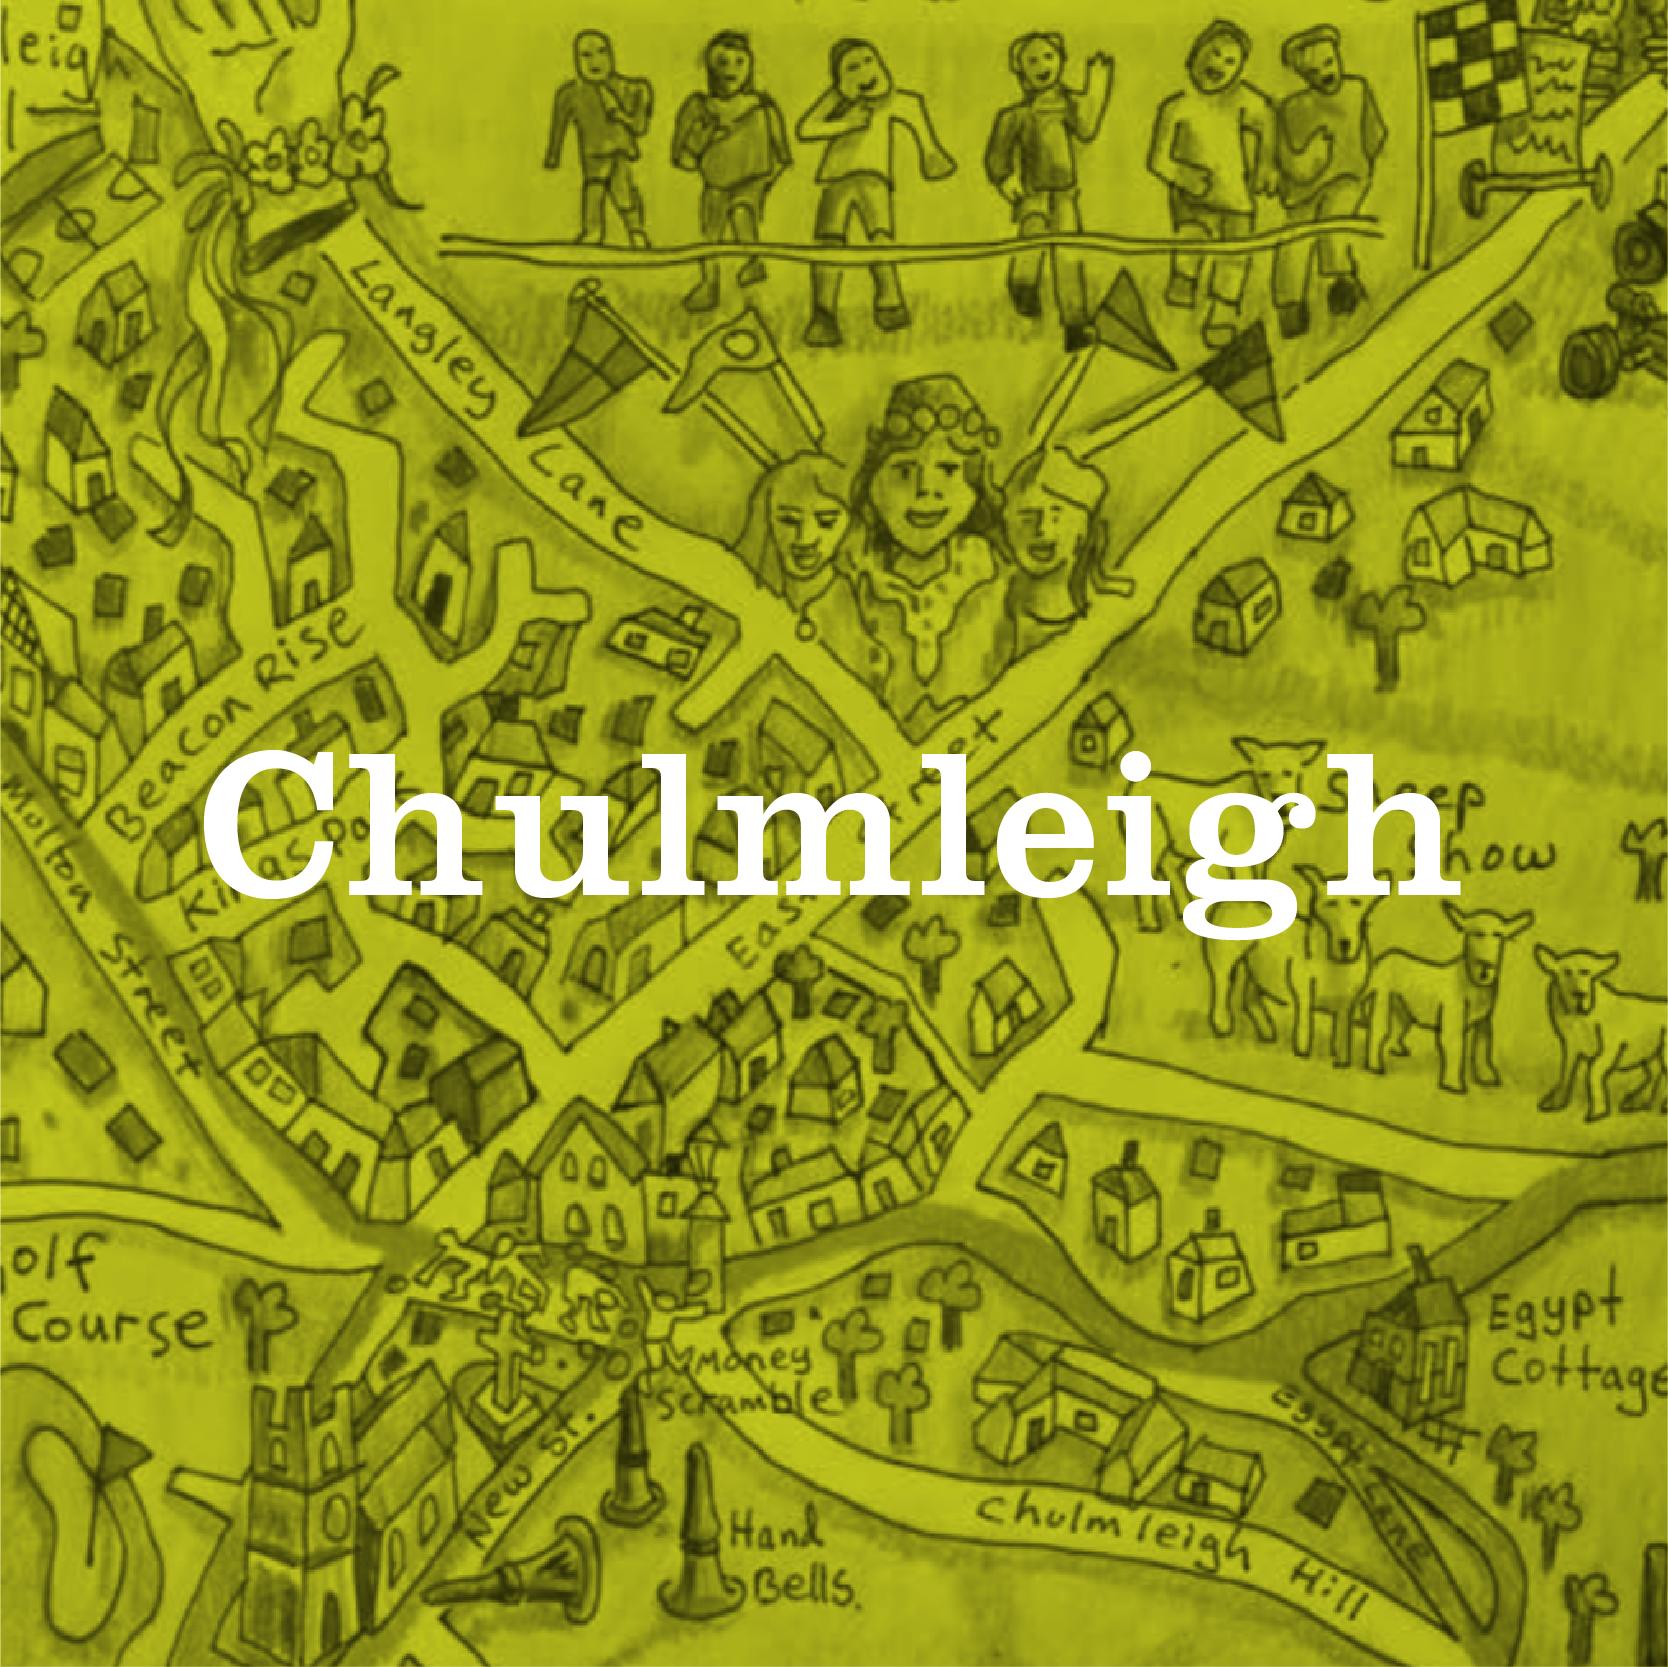 Beaford, Community Trails, Chulmleigh